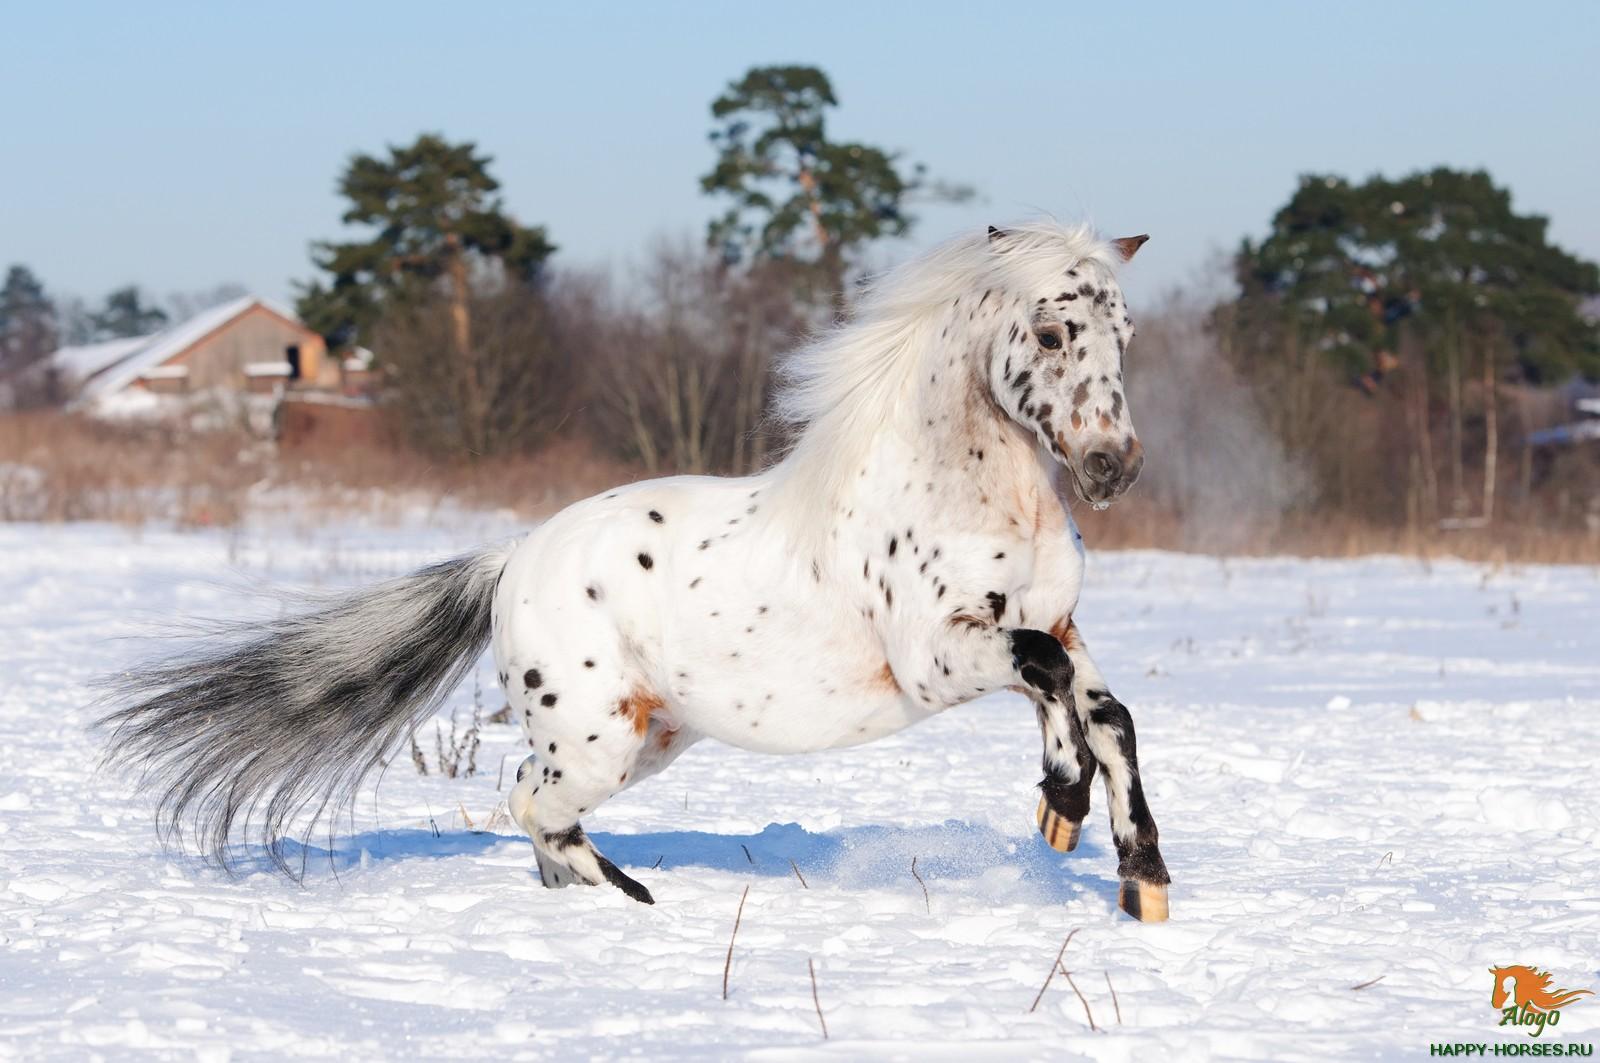 Фото о лошадях